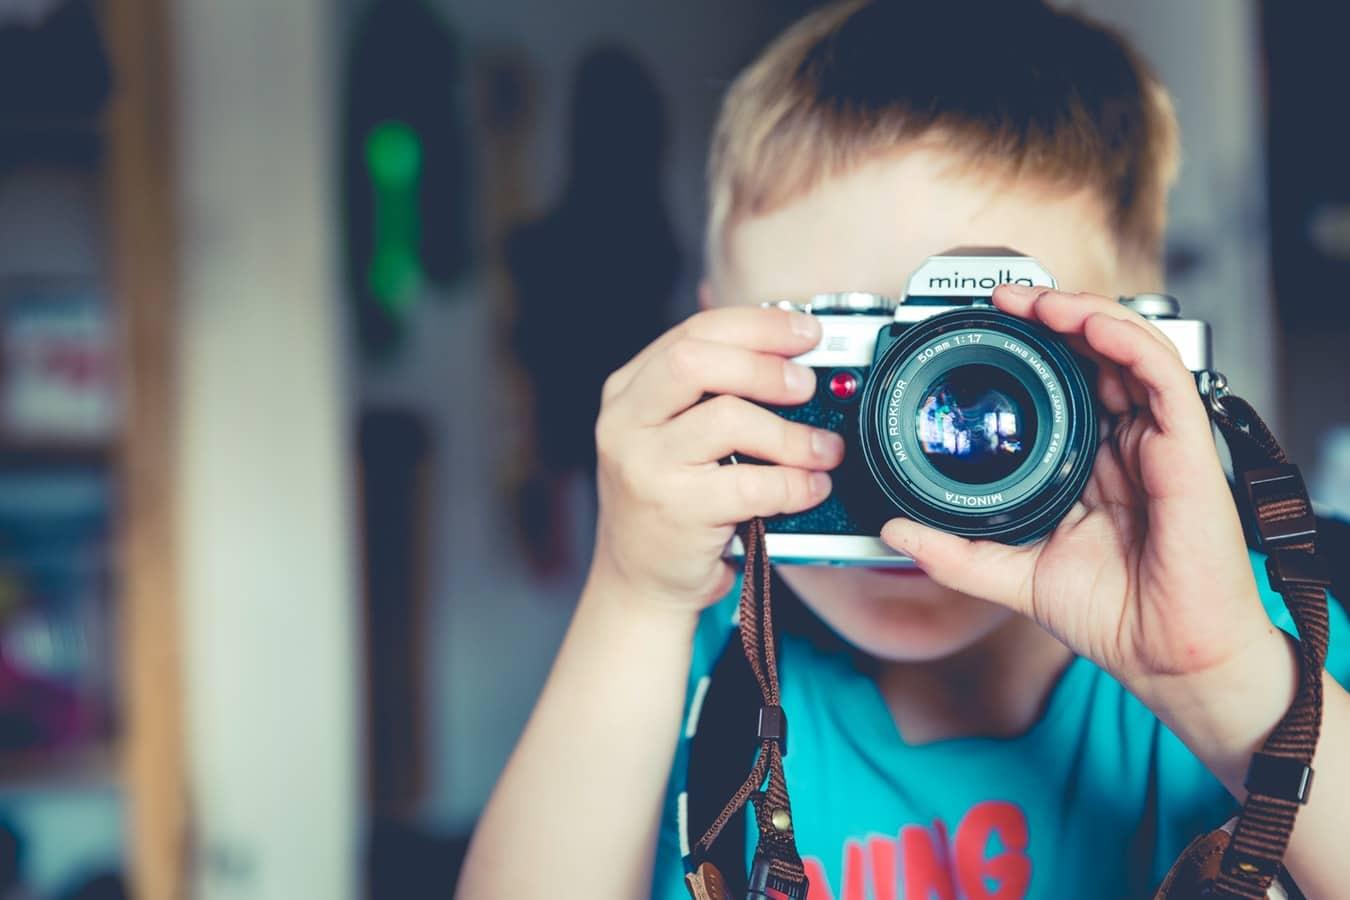 【2021年版】格安で動画制作ができる会社10選を徹底調査 コツや注意点も解説!